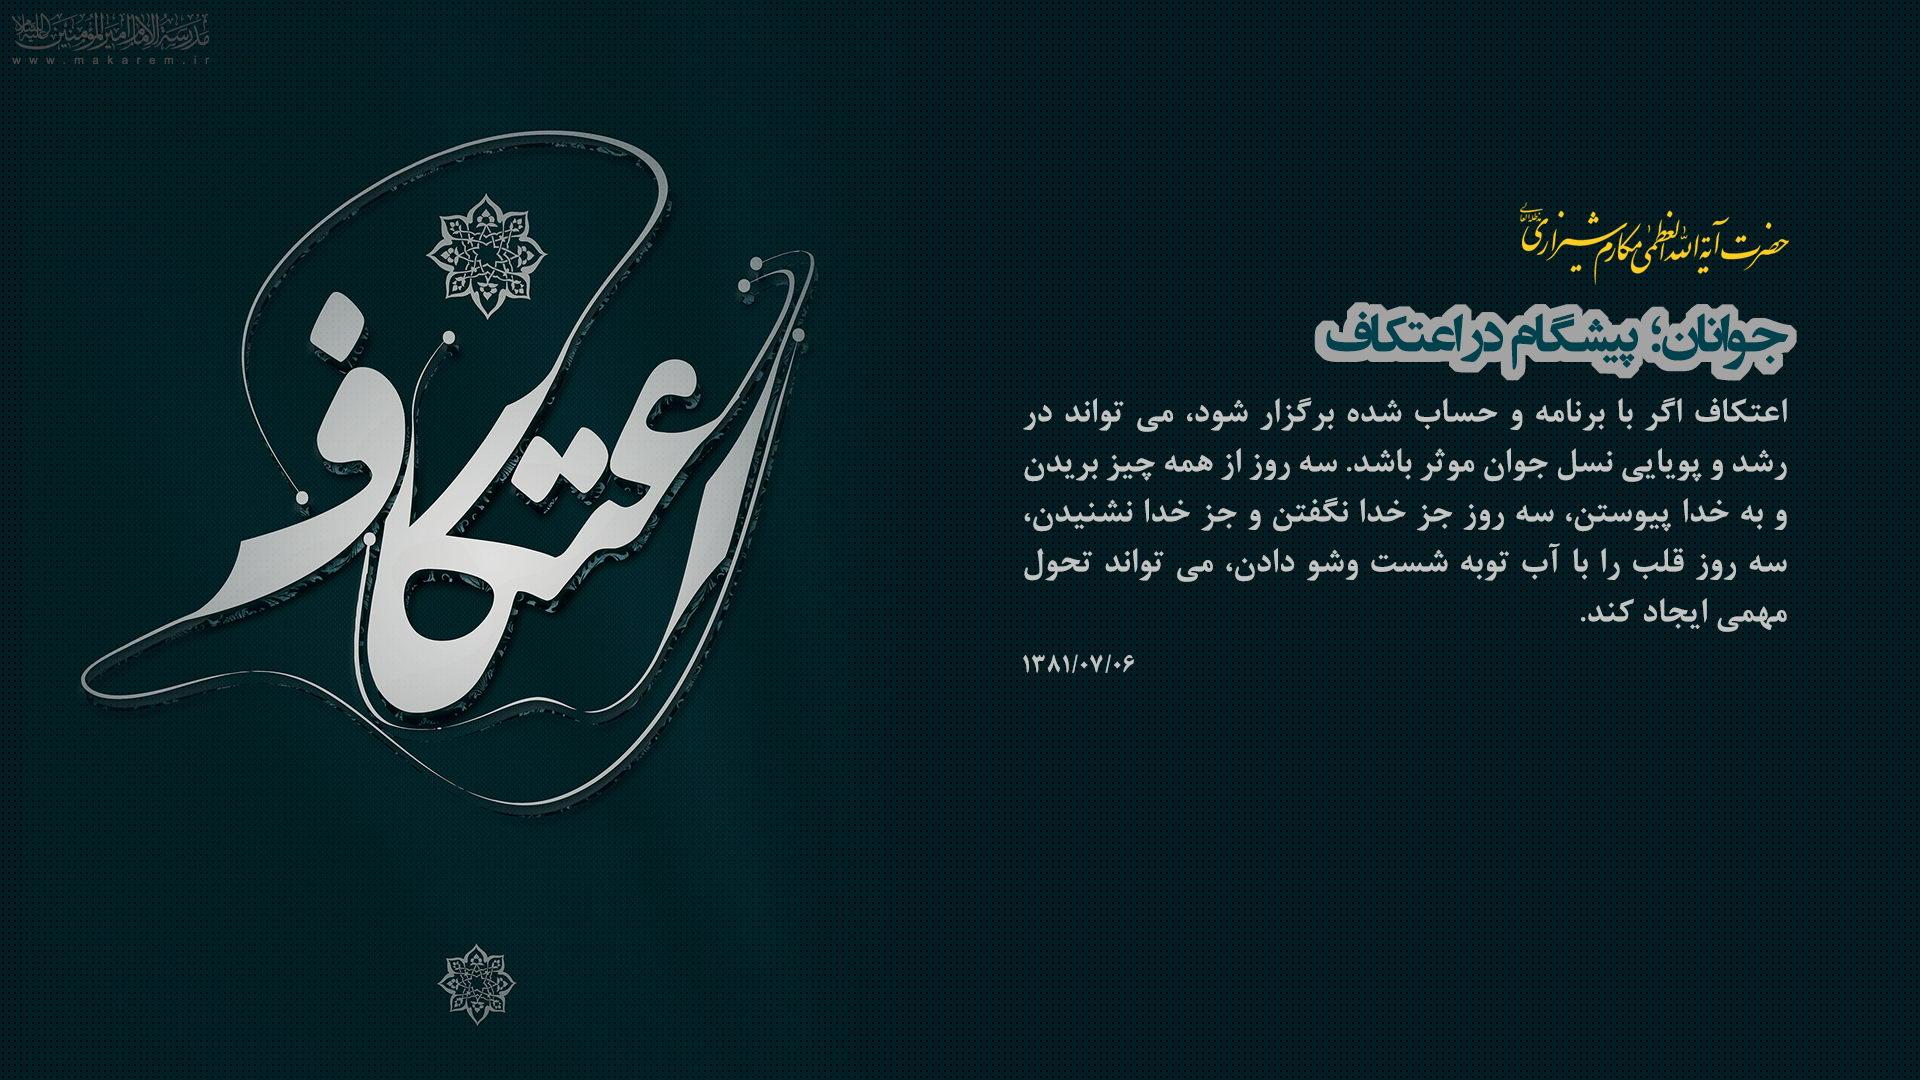 جوانان؛ پیشگام در اعتکاف-مدرسه الامام امیر المومنین (ع)